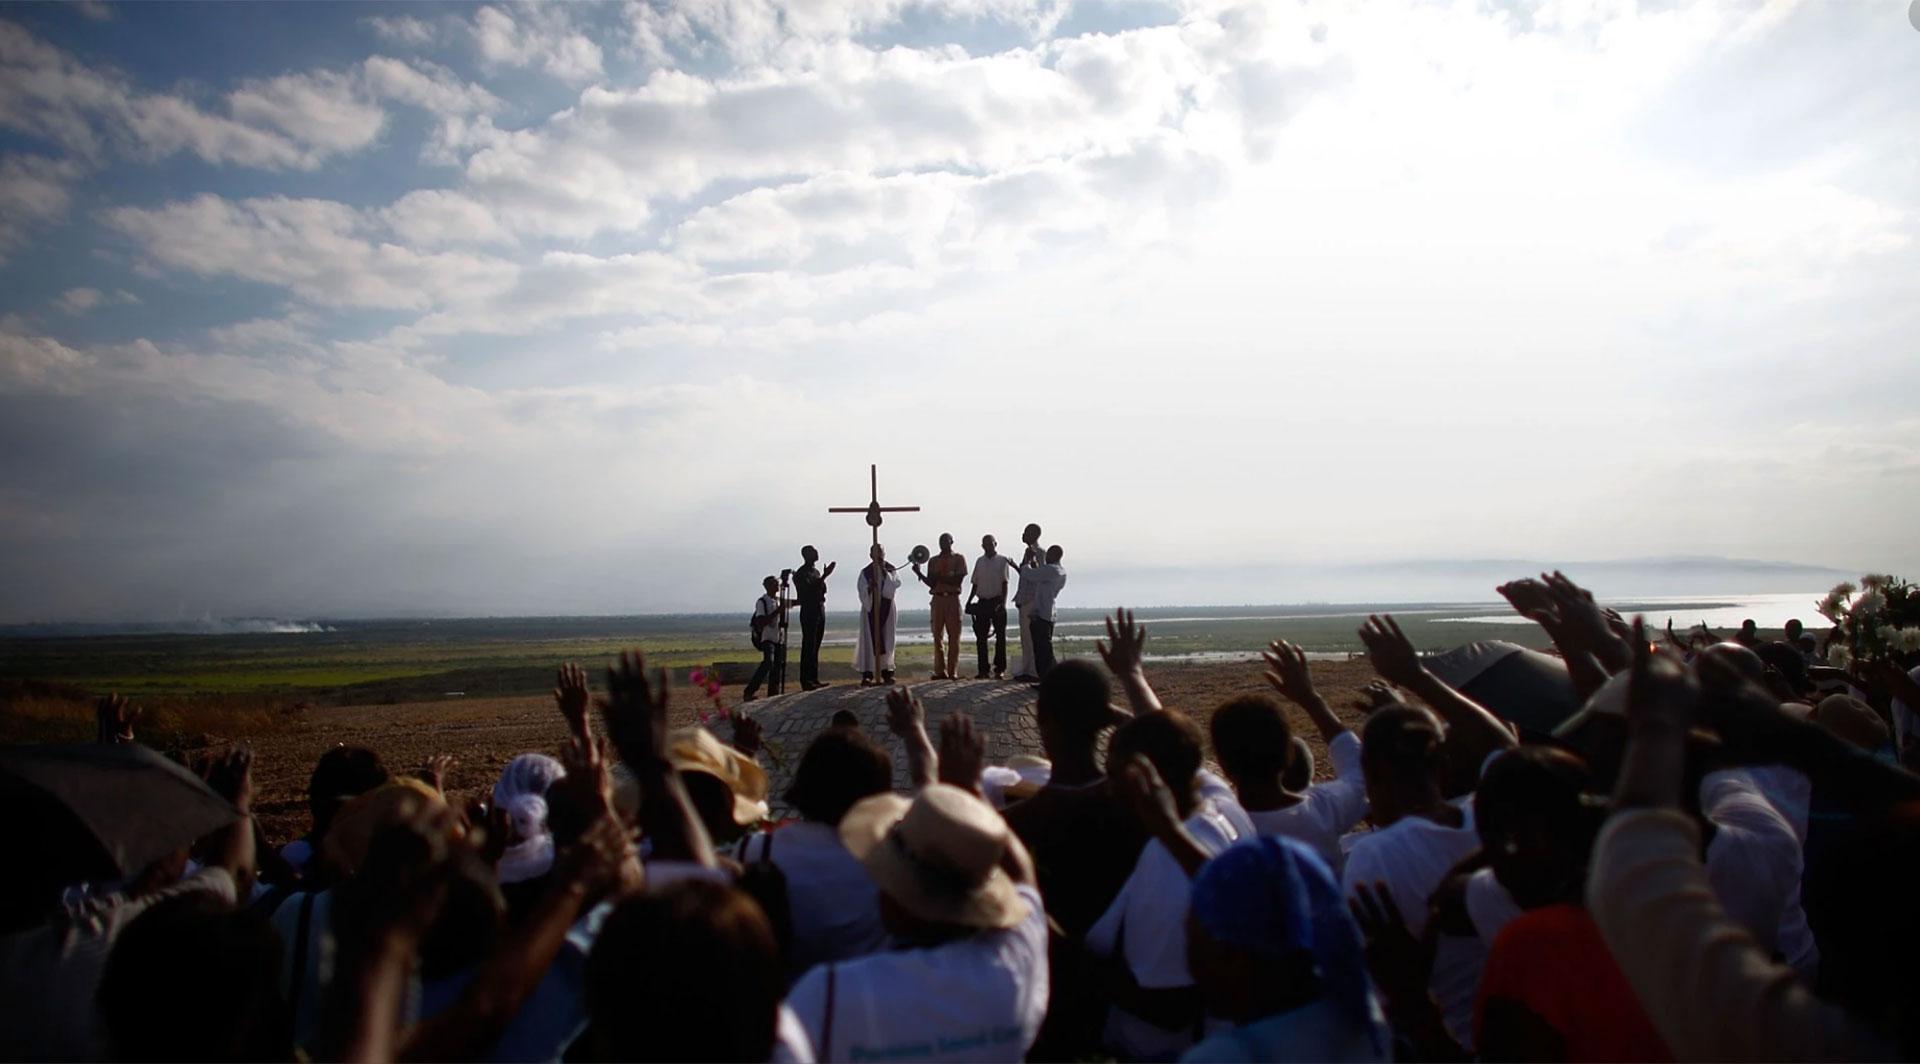 Una misa sobre las ruinas de una catedral católica en Puerto Príncipe. Se conmemoraba el primer aniversario del trágico terremoto de 2010. David Gilkey aún estaba allí